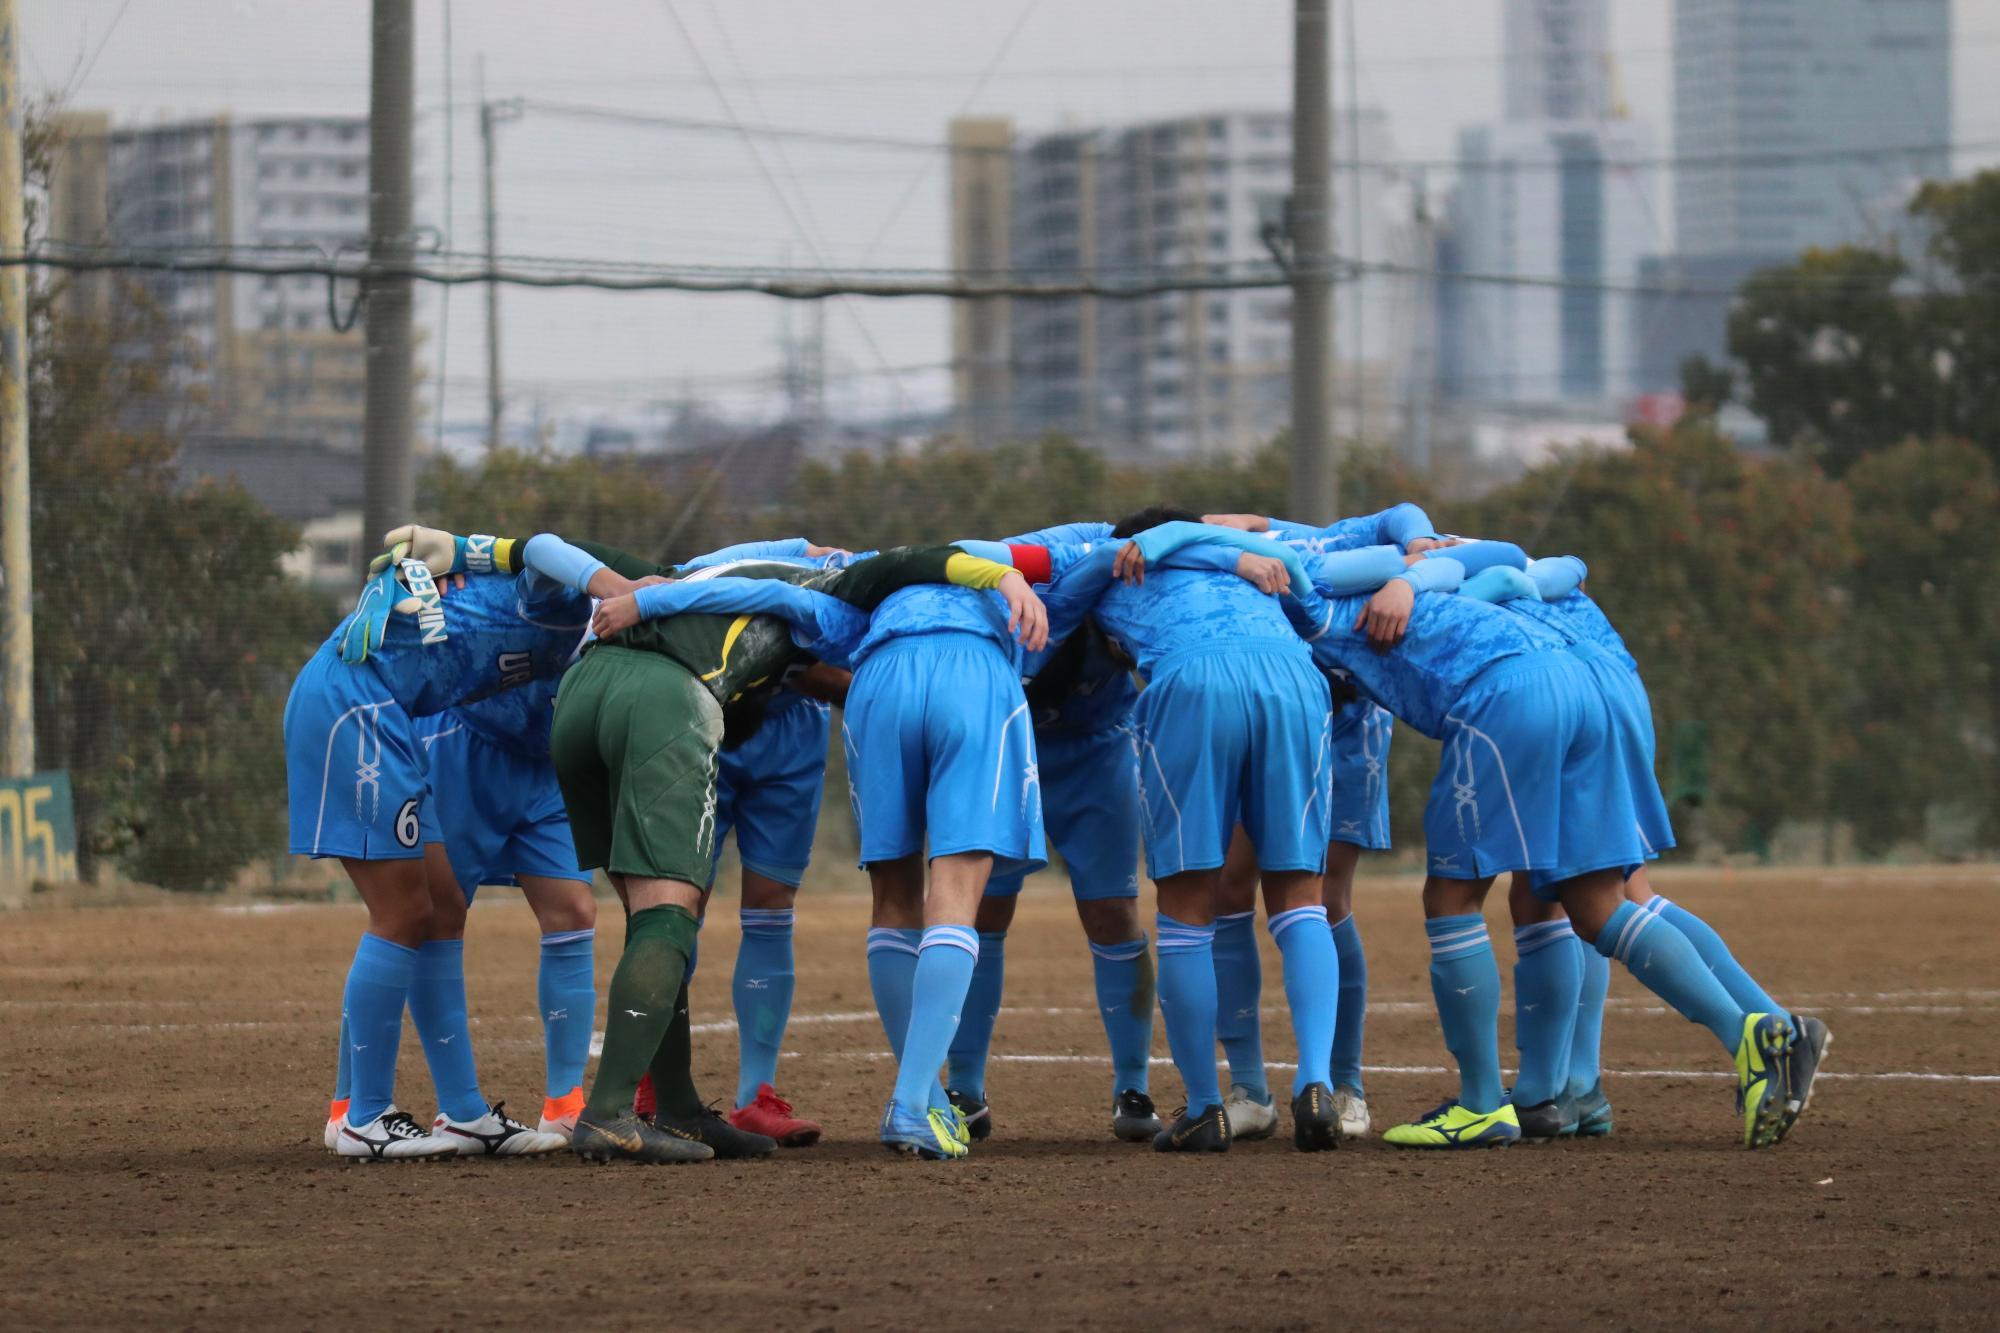 今も伝統の水色のユニフォームで試合に挑んでいる、浦和高校サッカー部 (C)埼玉サッカー通信